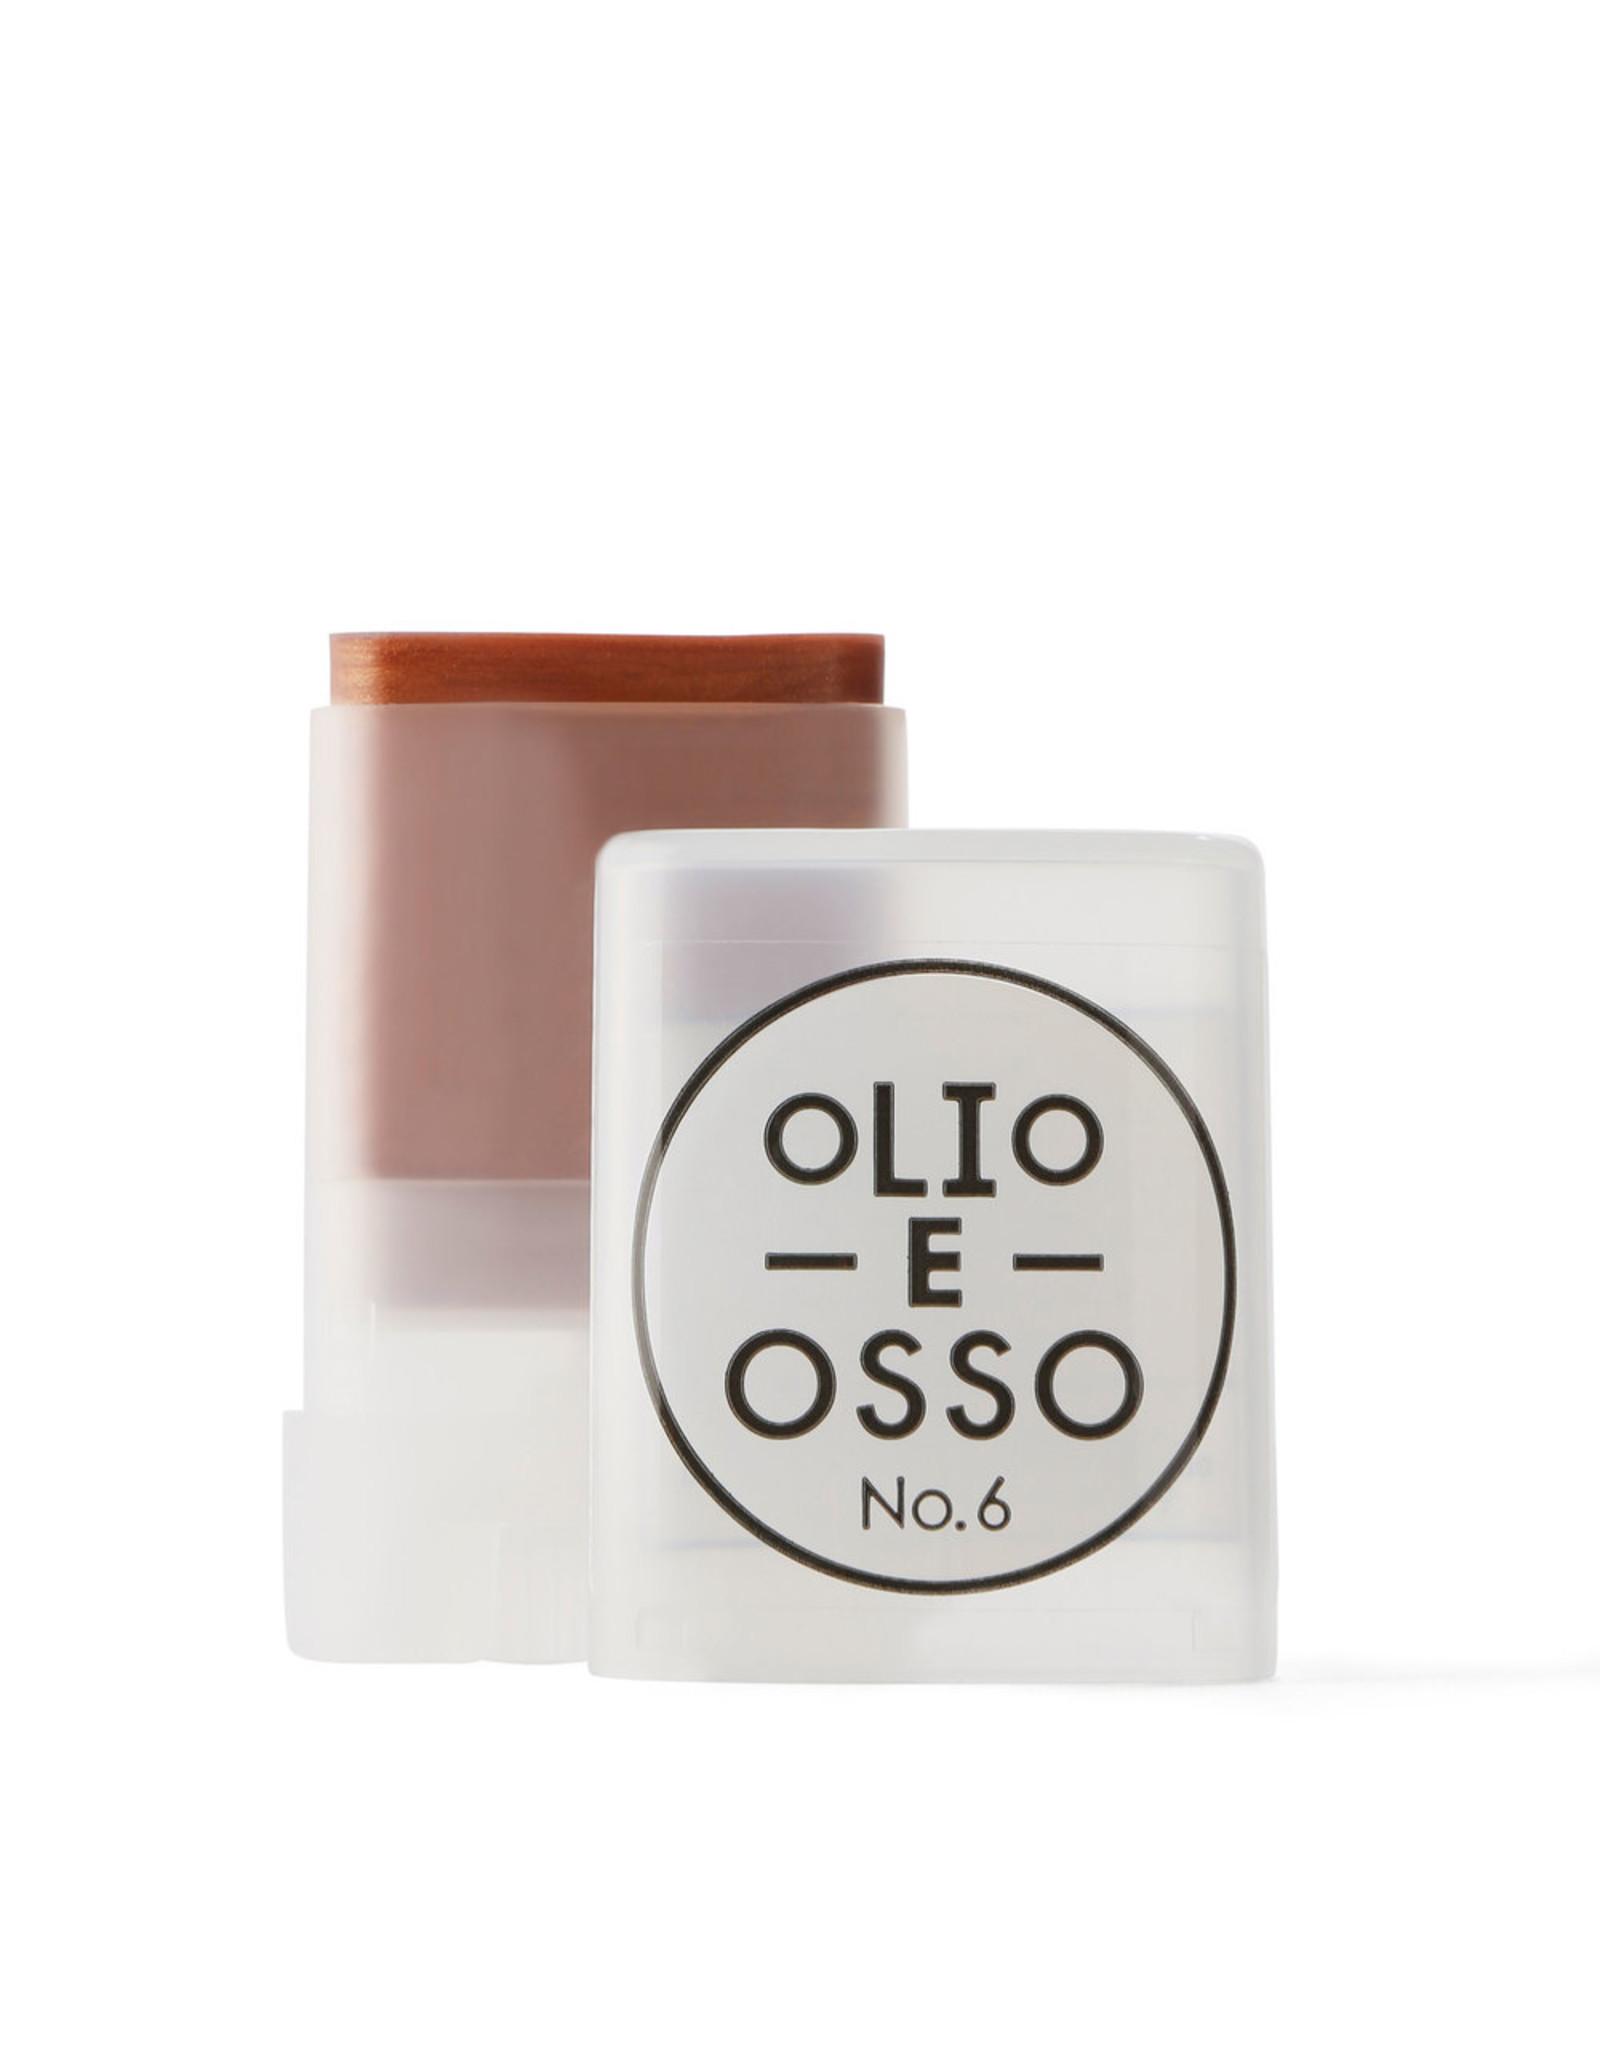 Olio E Osso No 6 - Bronze Balm